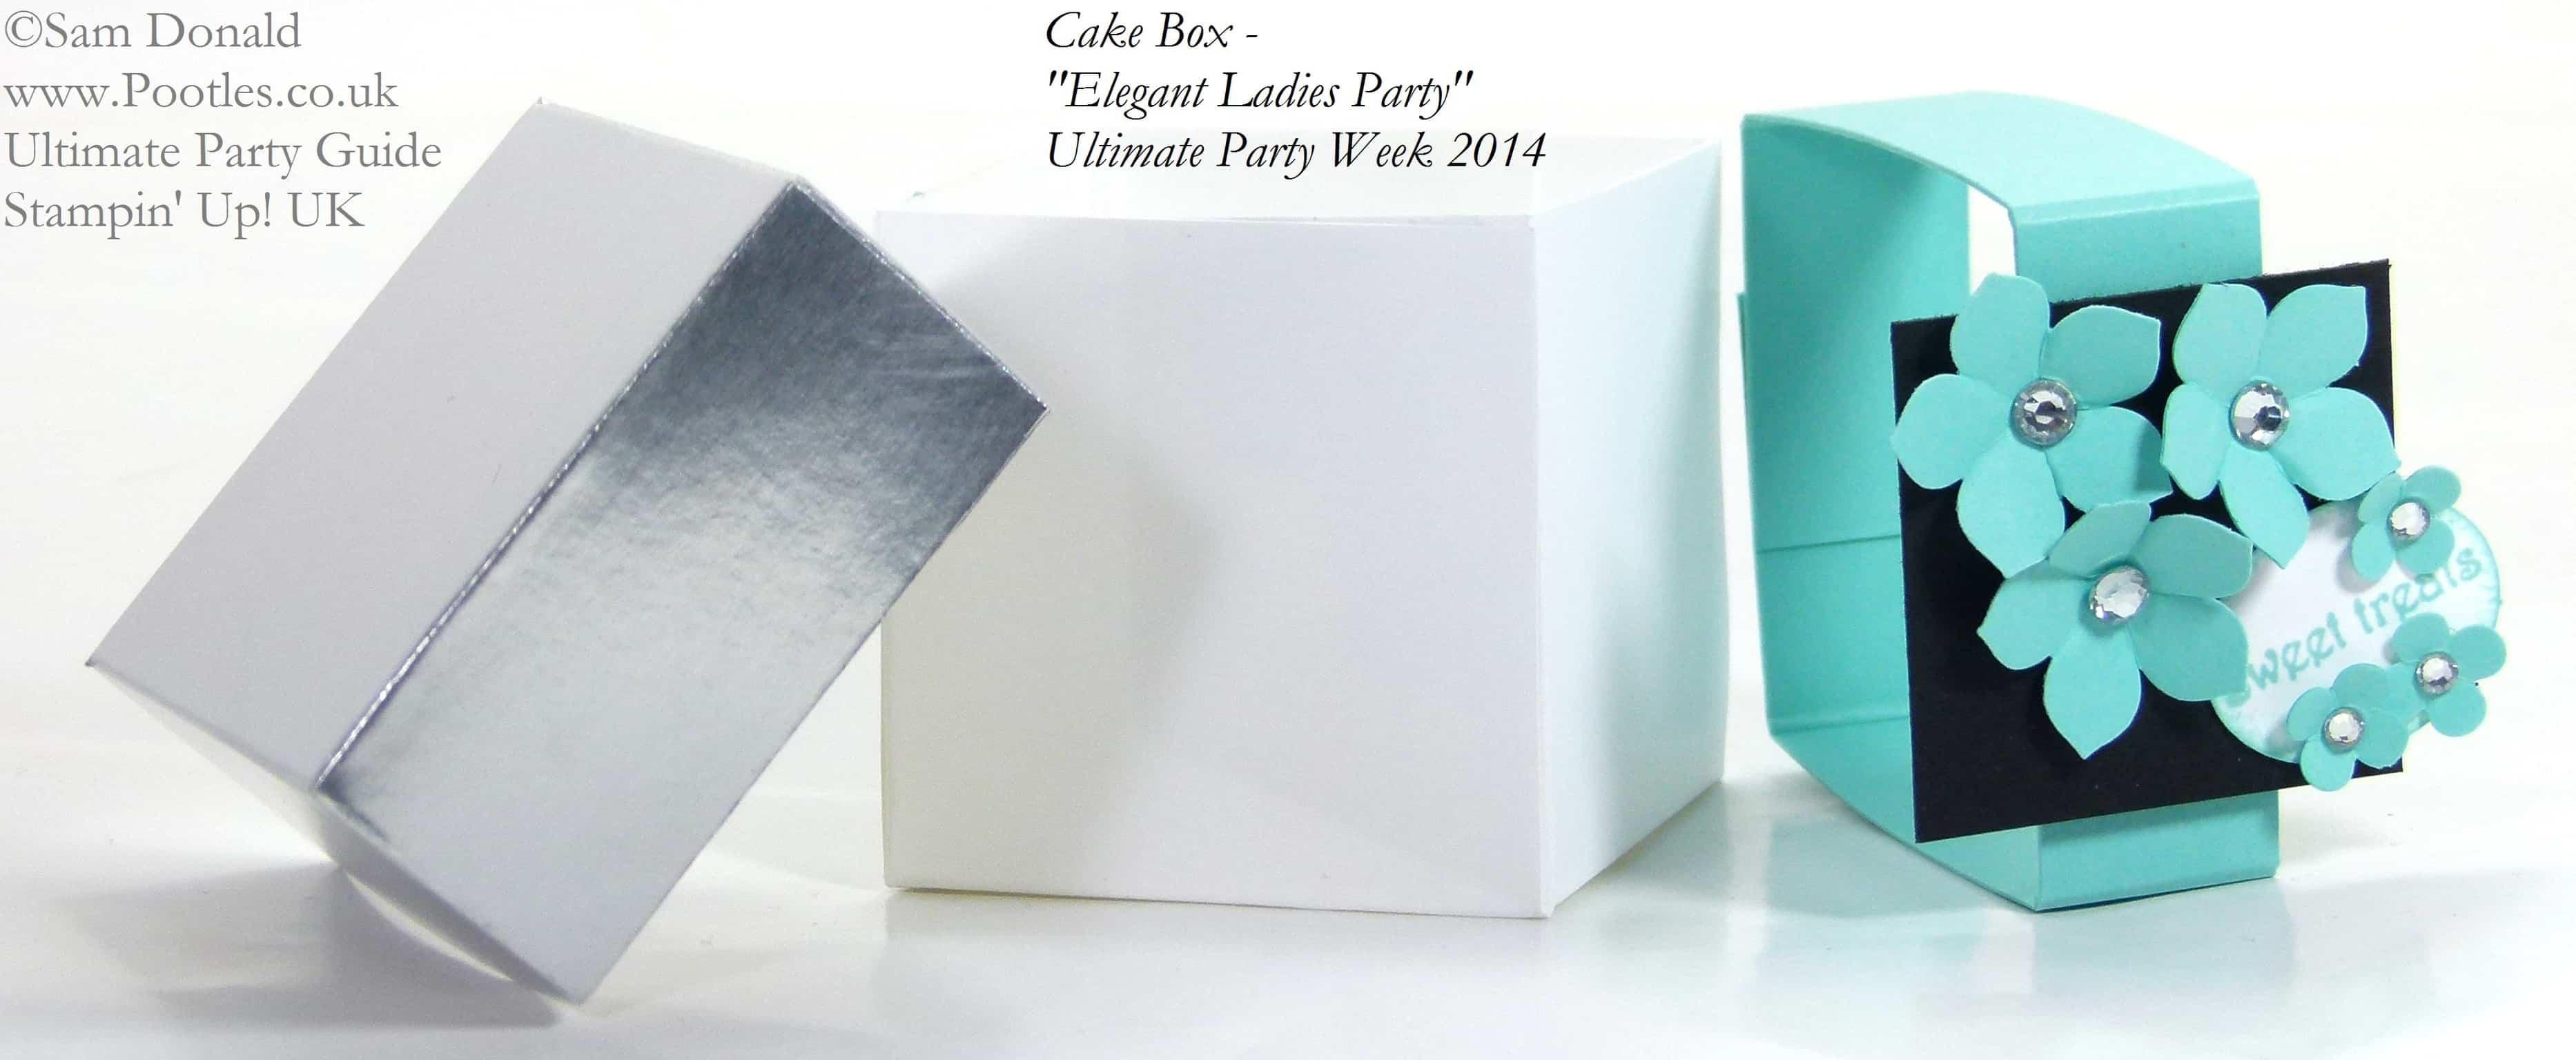 POOTLES Stampin Up UK Ultimate Party Week.  Cake Box open. ELEGANT LADIES THEME